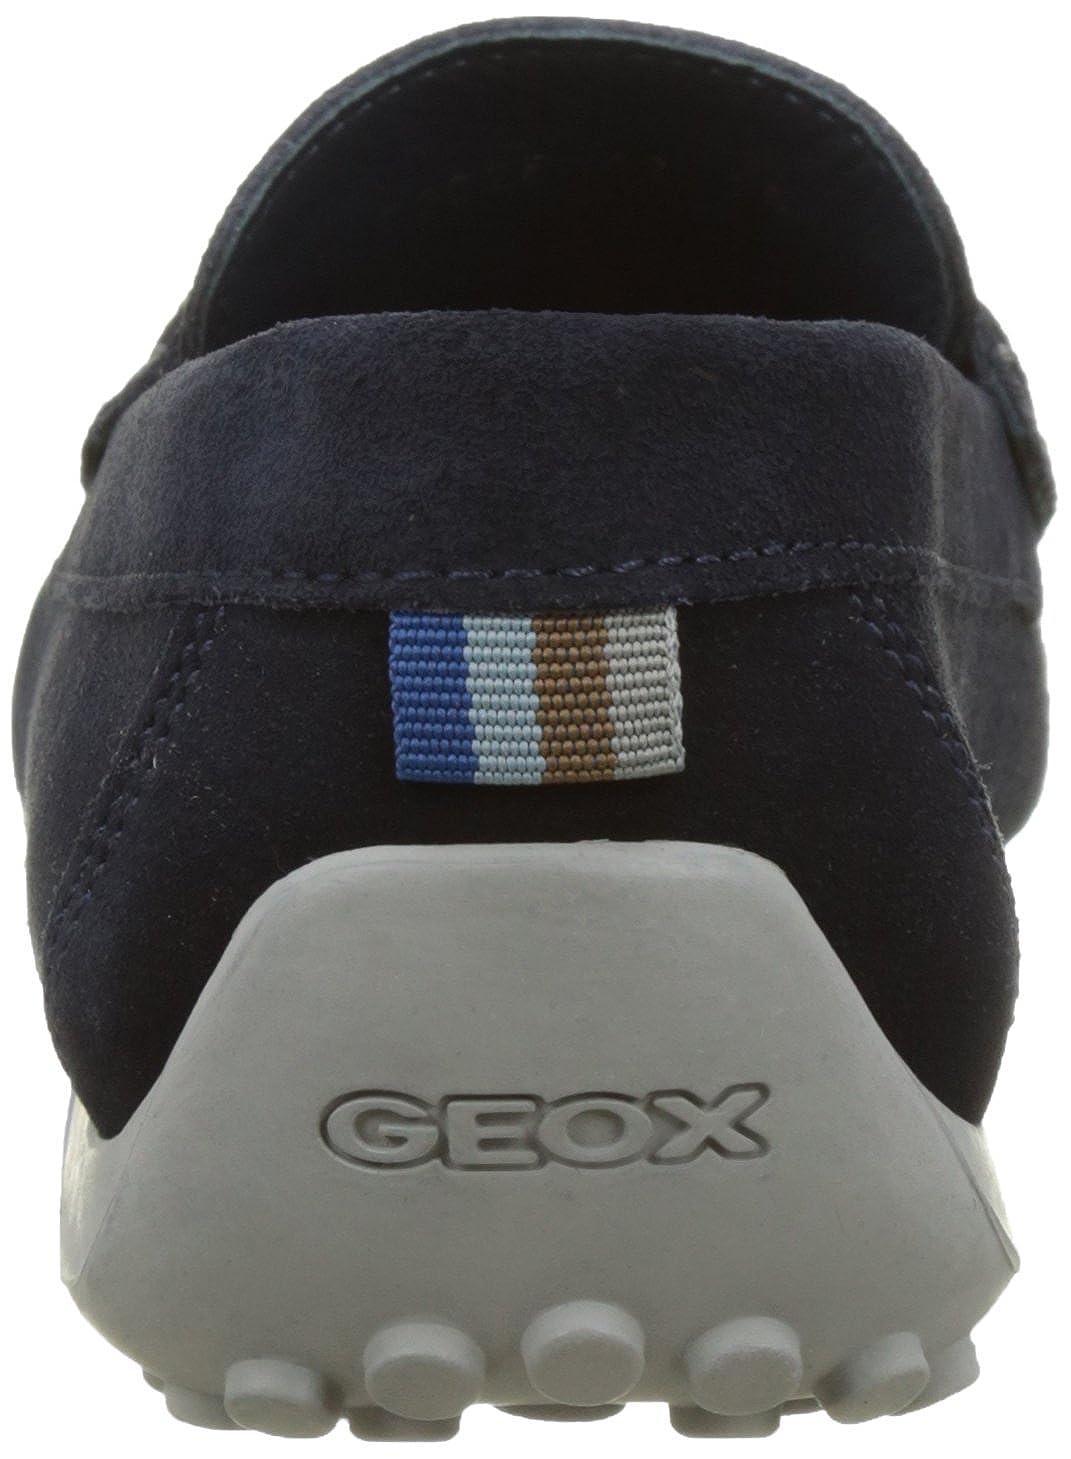 Geox Uomo Snake Mocassino F, Mocasines para Hombre: Amazon.es: Zapatos y complementos